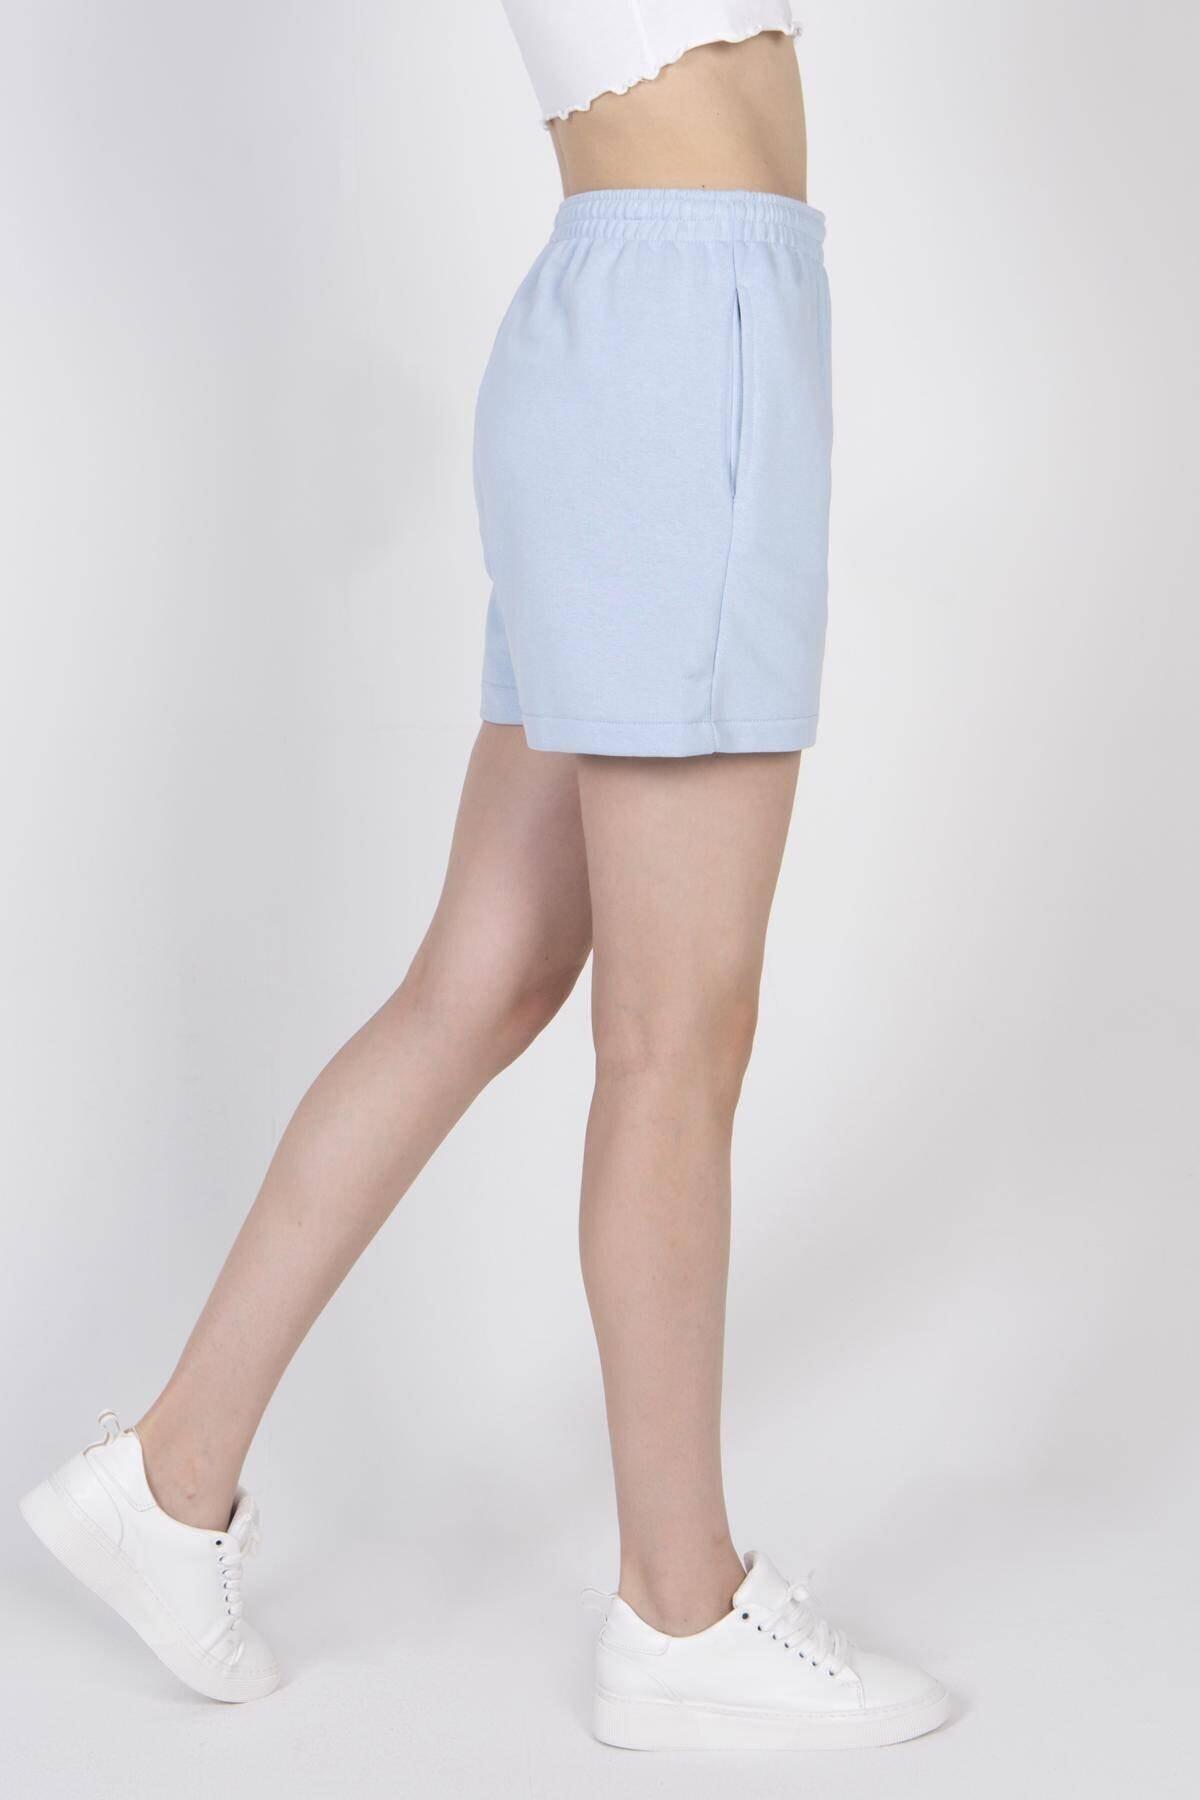 Addax Kadın Mavi Cep Detaylı Şort Ş0941 - F3 - F4 ADX-0000022301 1